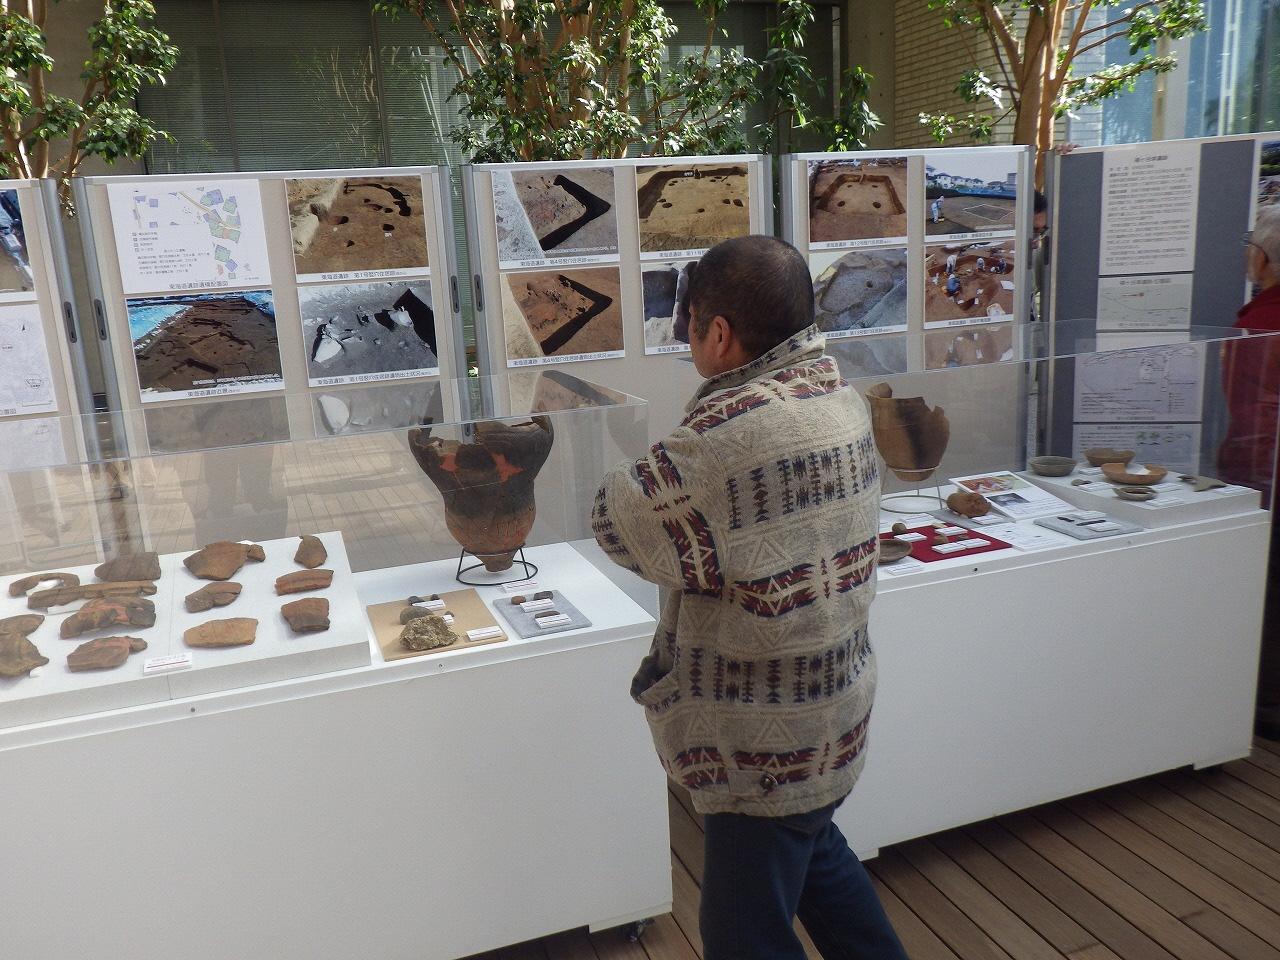 加曽利貝塚の発掘調査成果を速報!「平成30年度千葉市遺跡発表会」を開催します